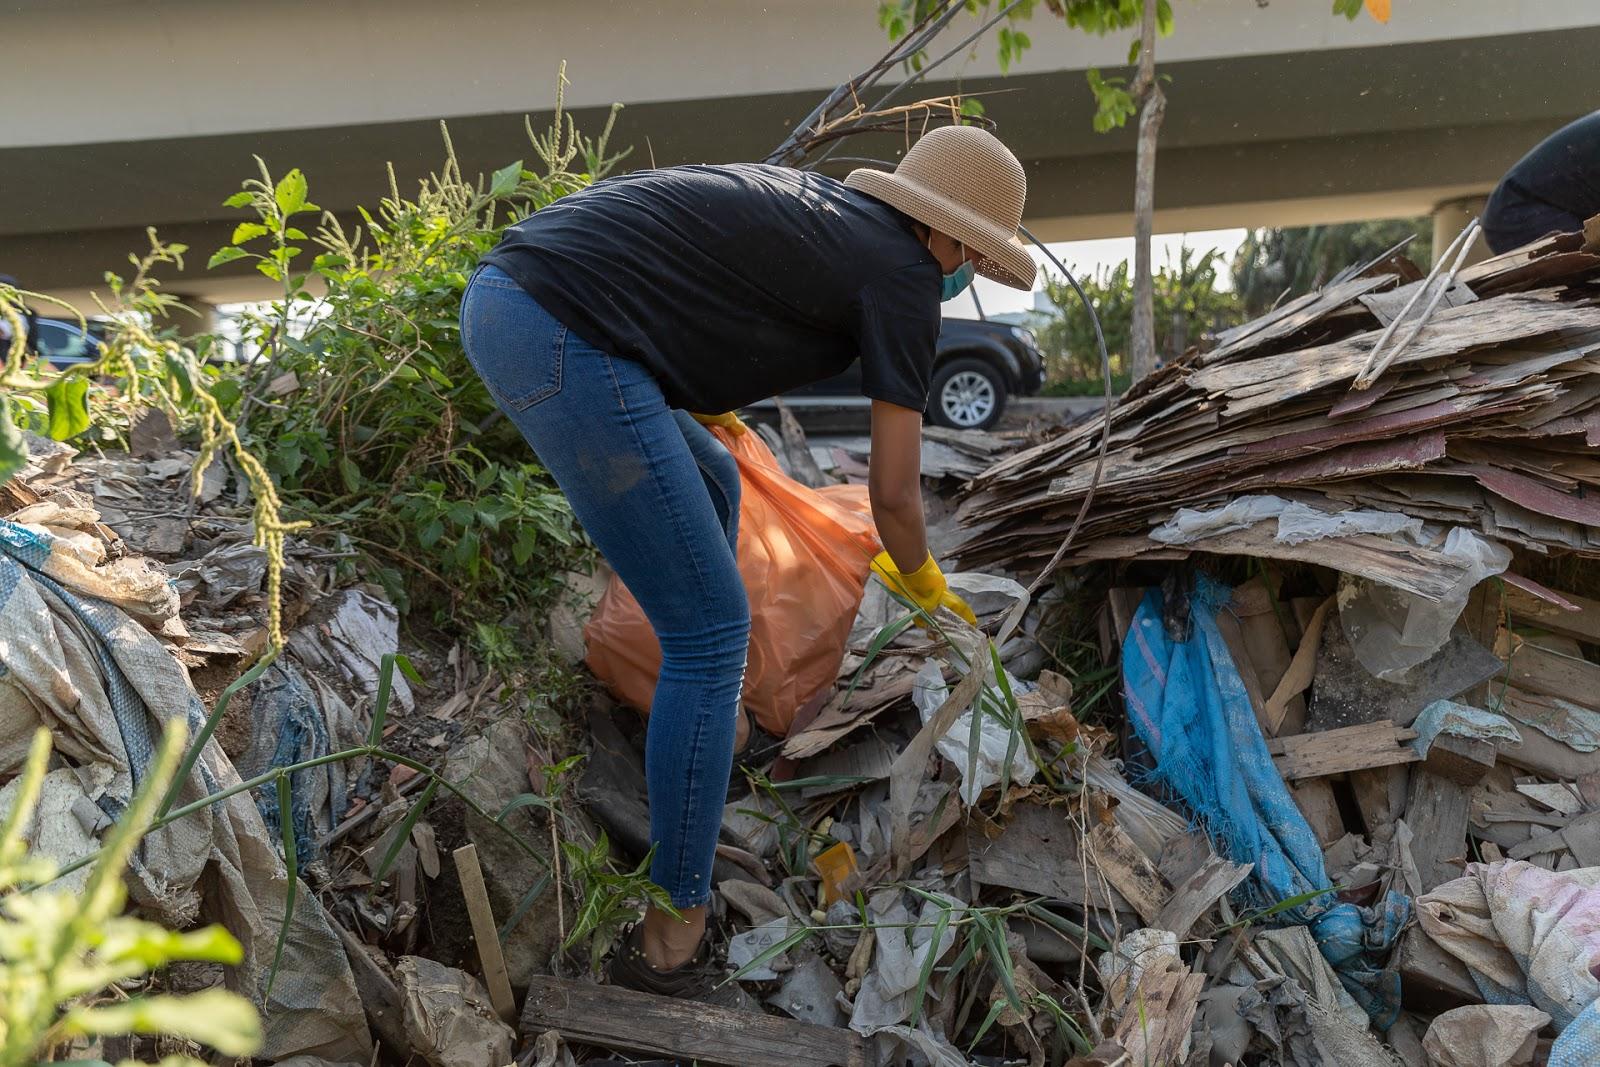 Rớt nước mắt khi thấy H'Hen Niê quần áo lấm lem, người đầy bụi đất dọn bãi rác kinh hoàng dưới cầu Thủ Thiêm - Hình 8